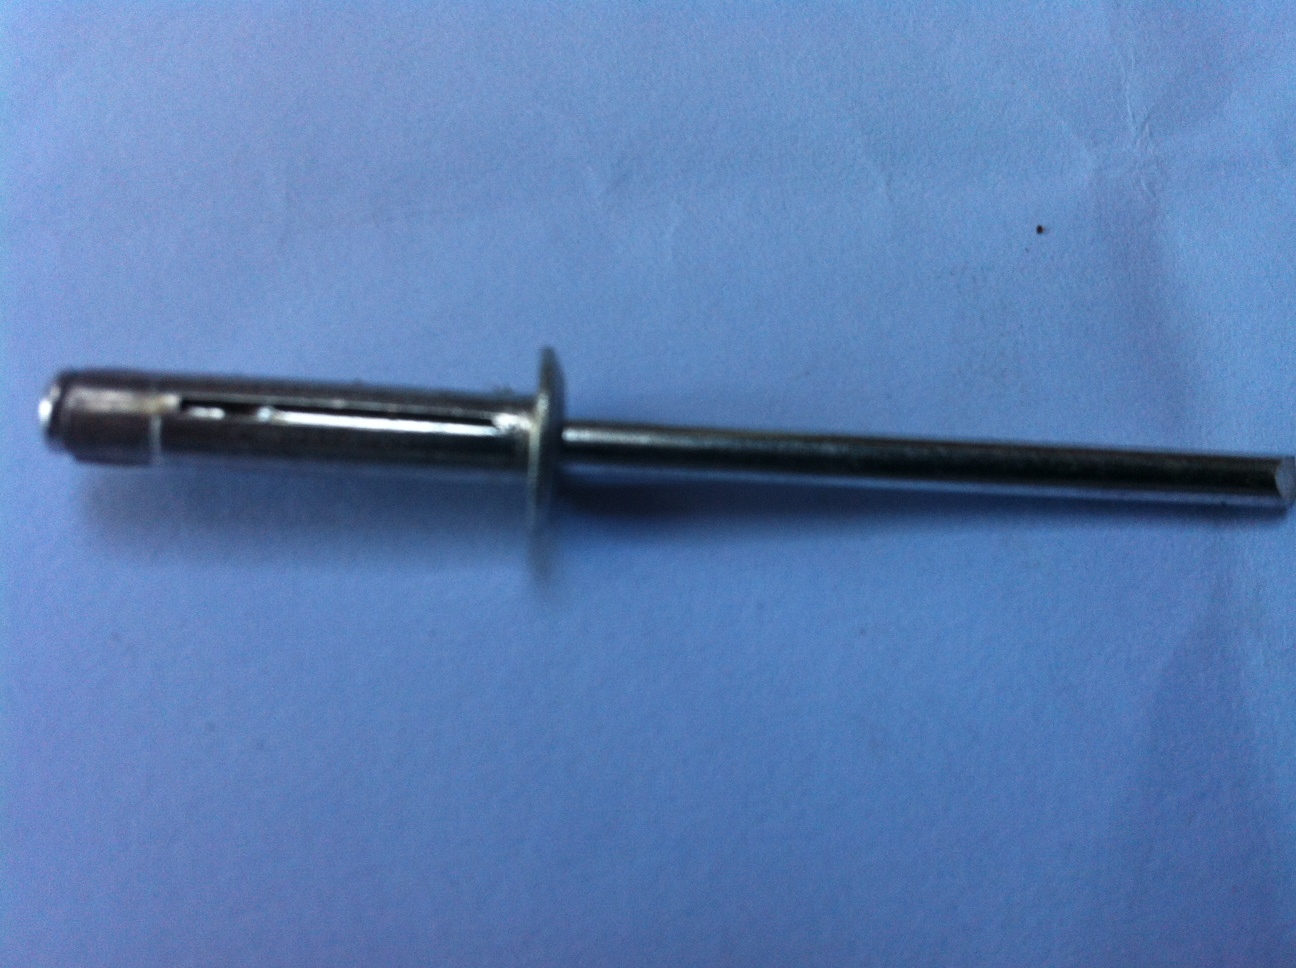 ADNS5-4/20 peel rivet pack of 20